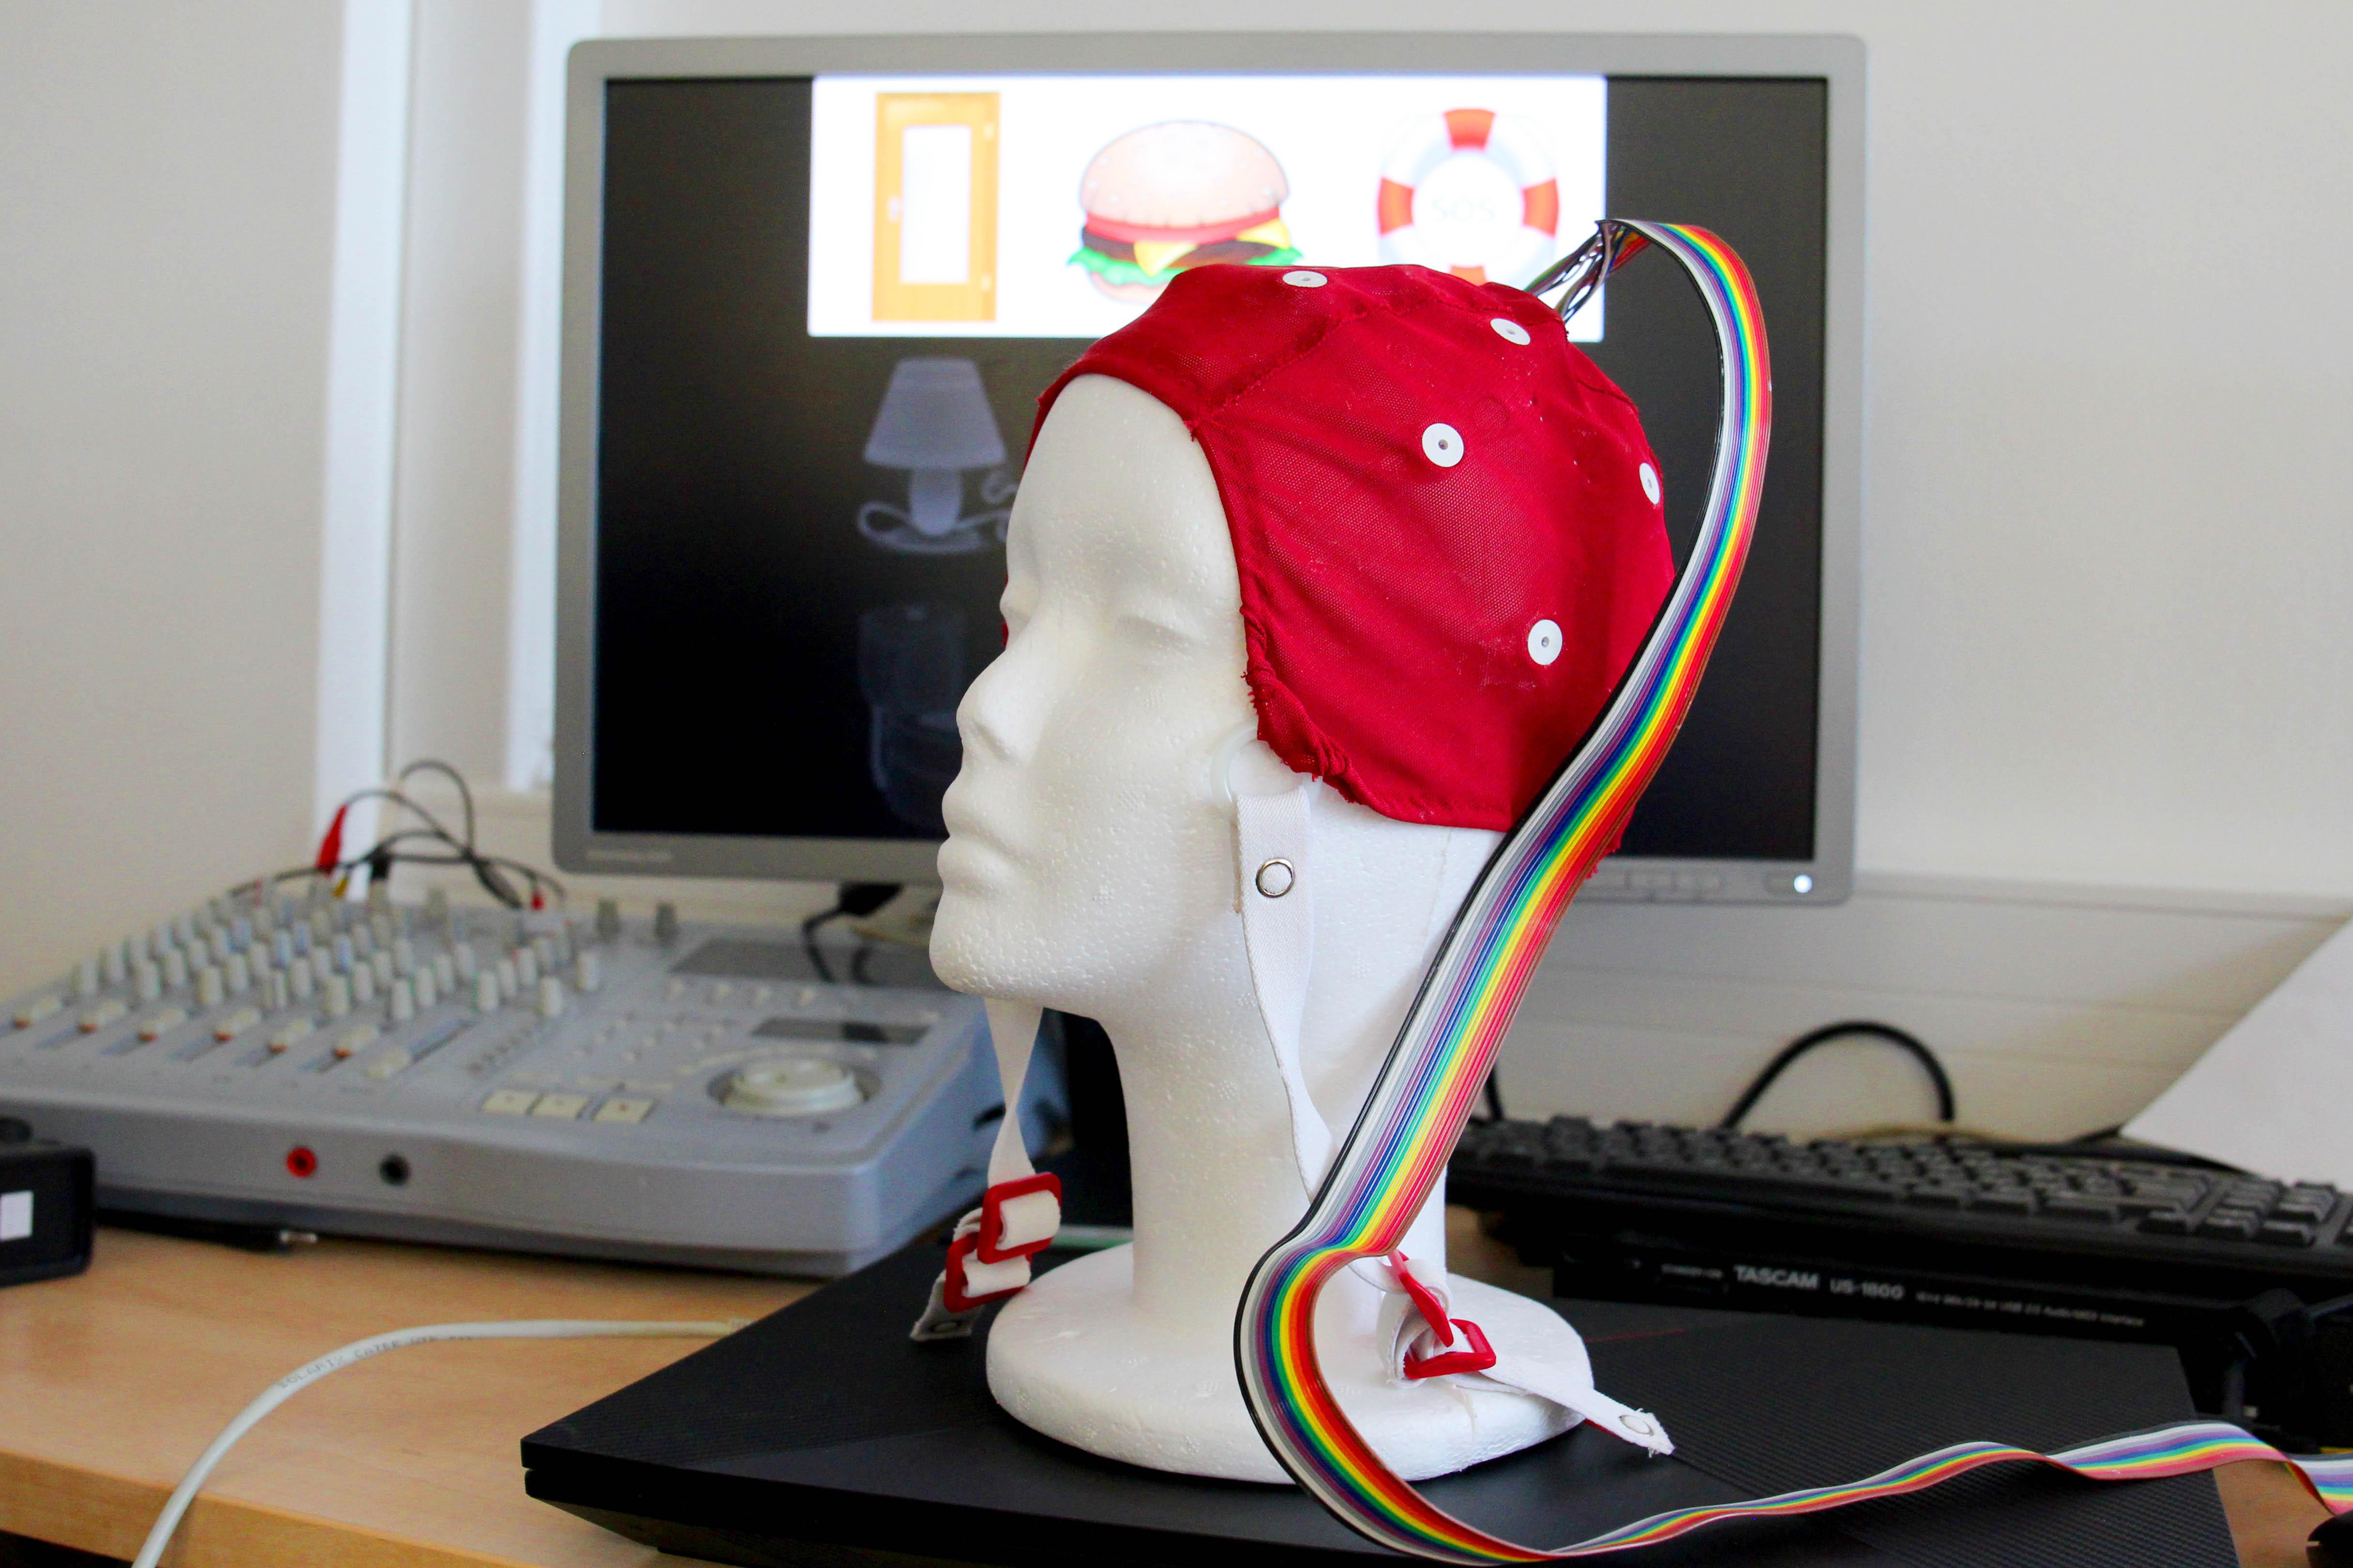 Vědci vyvinuli systém, který pomůže nesoběstačným lidem ovládat počítač mozkem